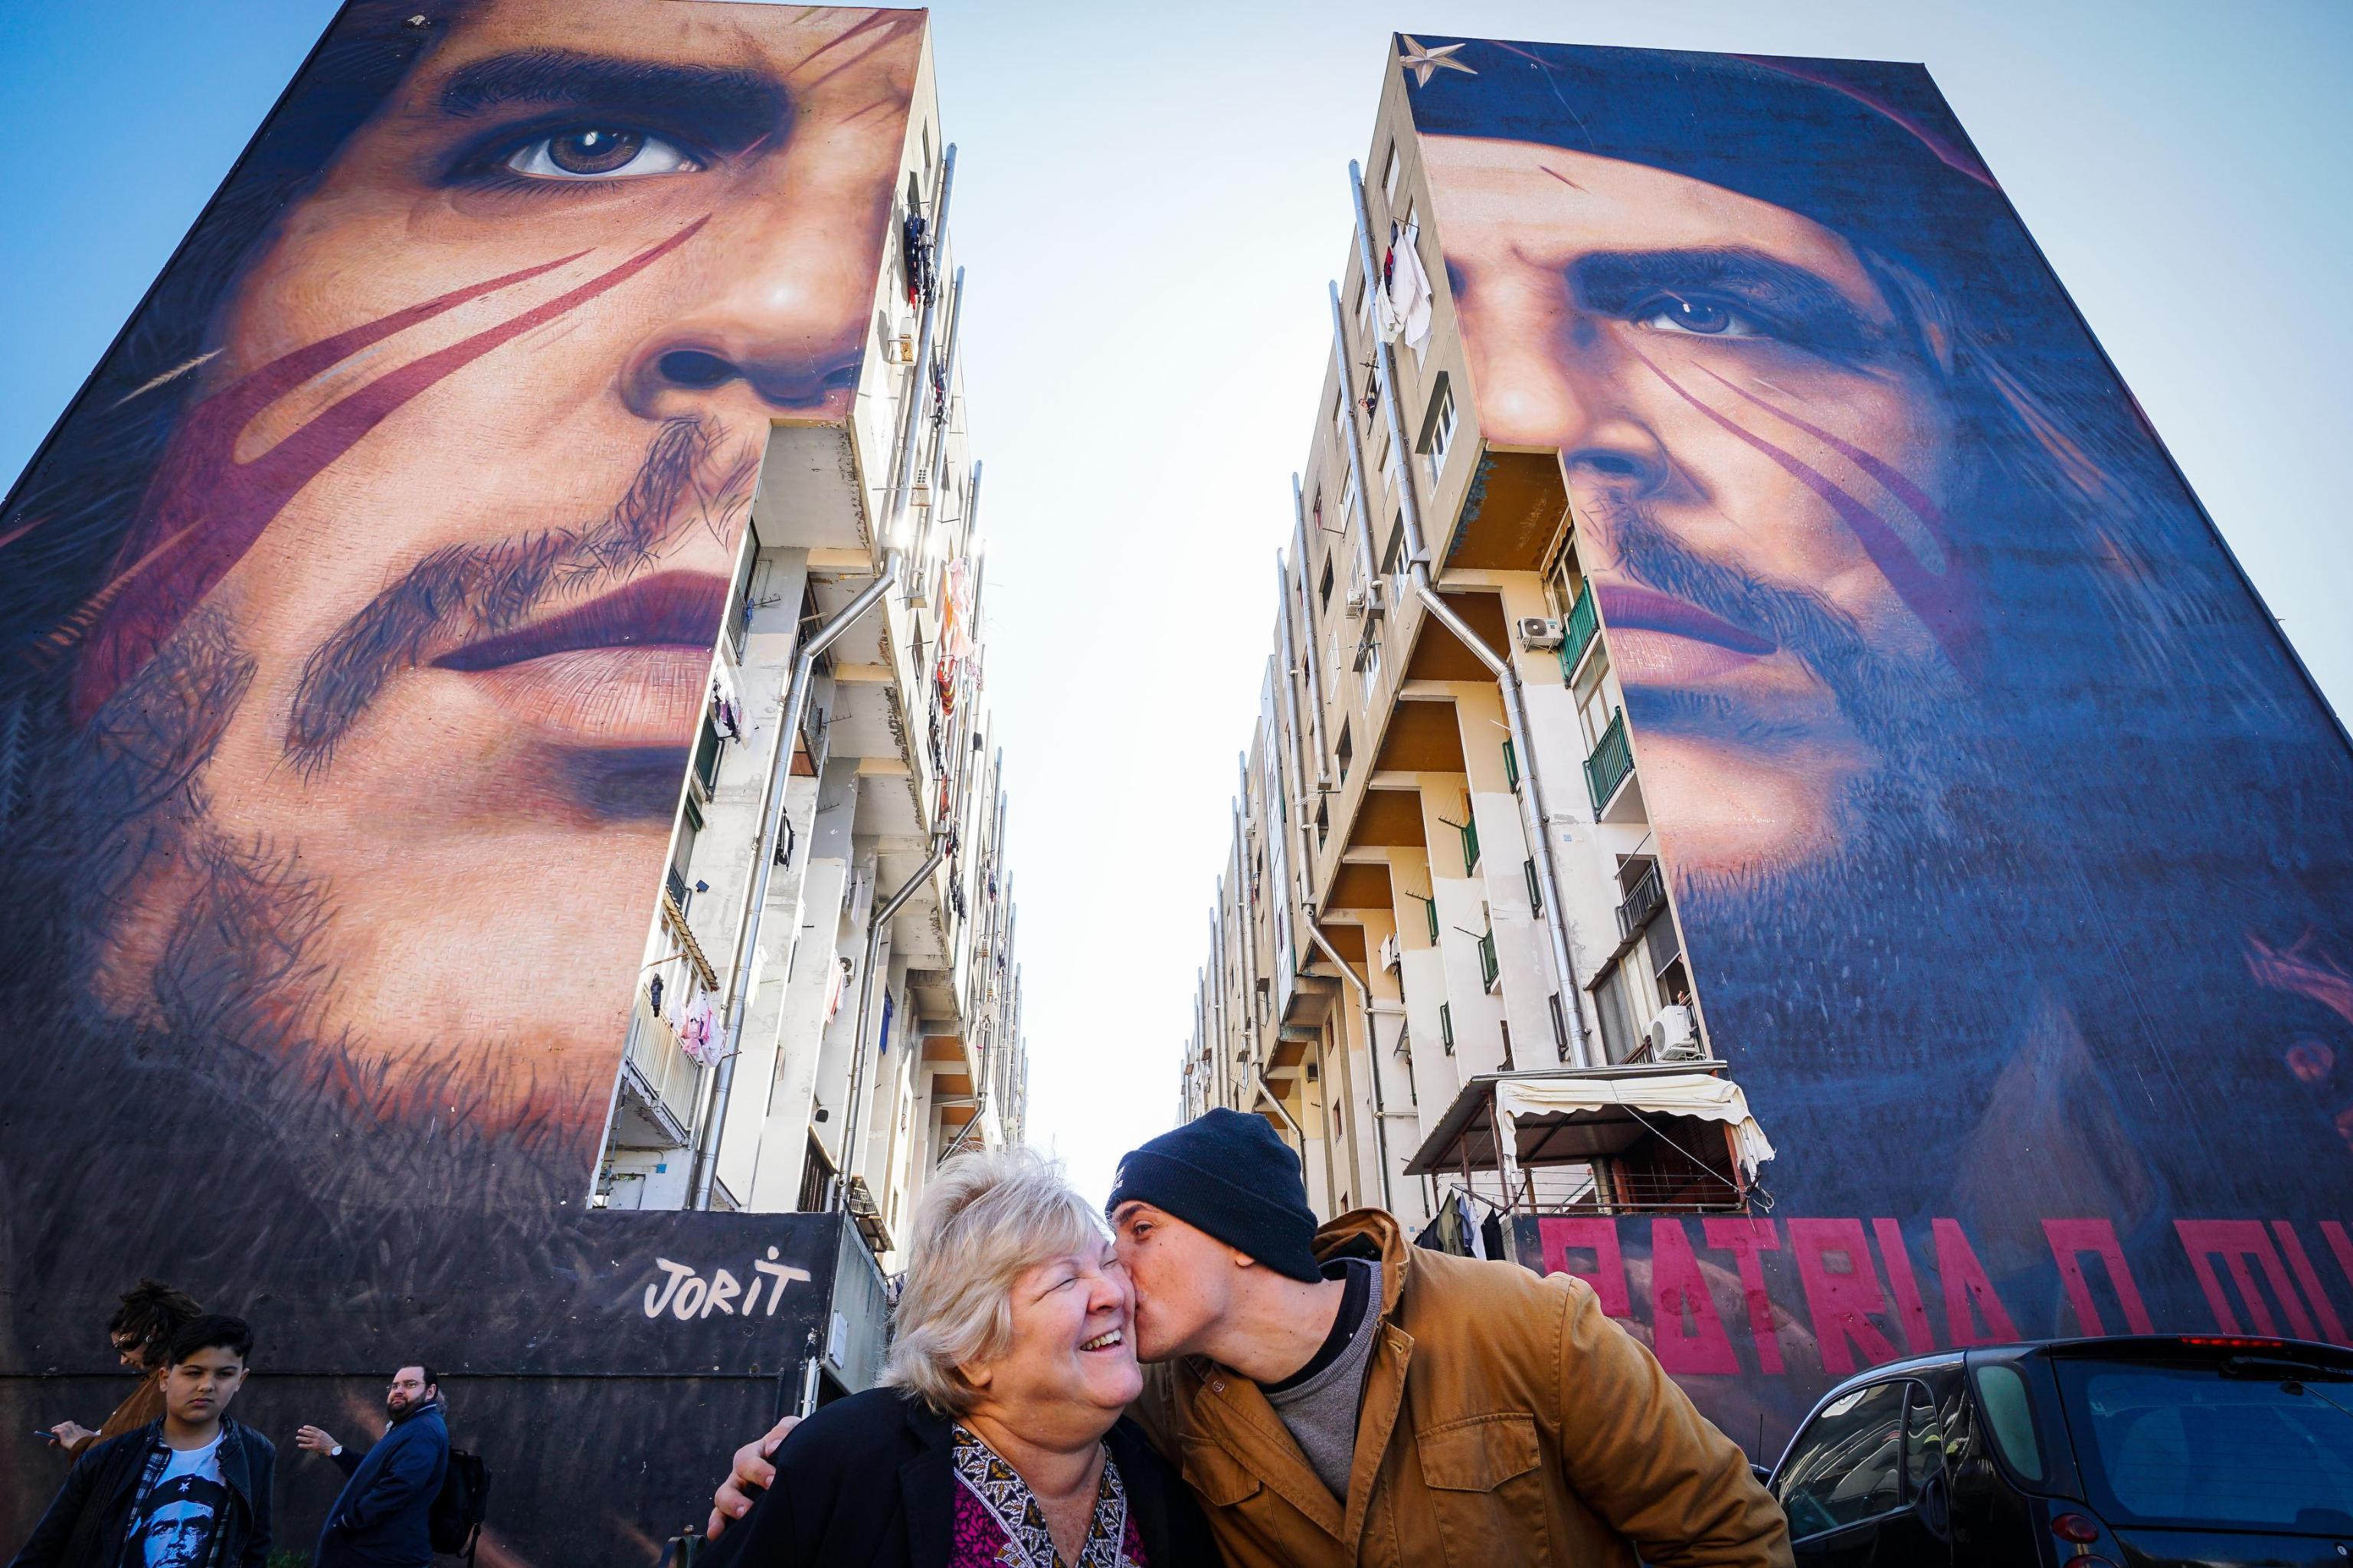 Napoli La Figlia Di Che Guevara Visita Il Murales Di Jorit Dedicato